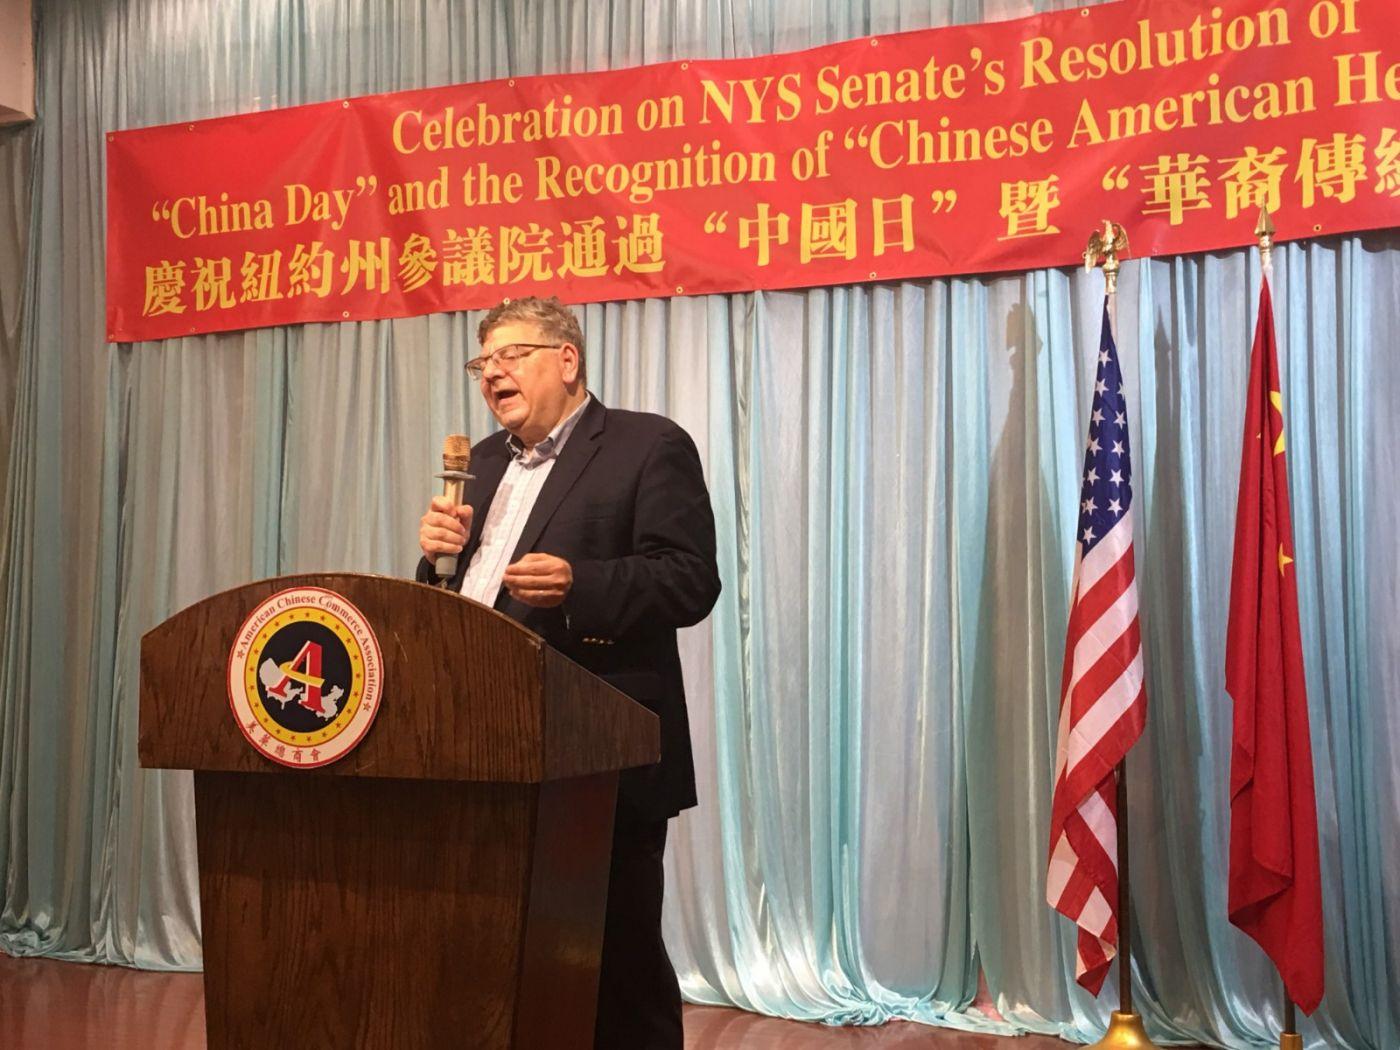 紐約州參議院通過「中國日」決議案慶祝会在紐約舉行_图1-21